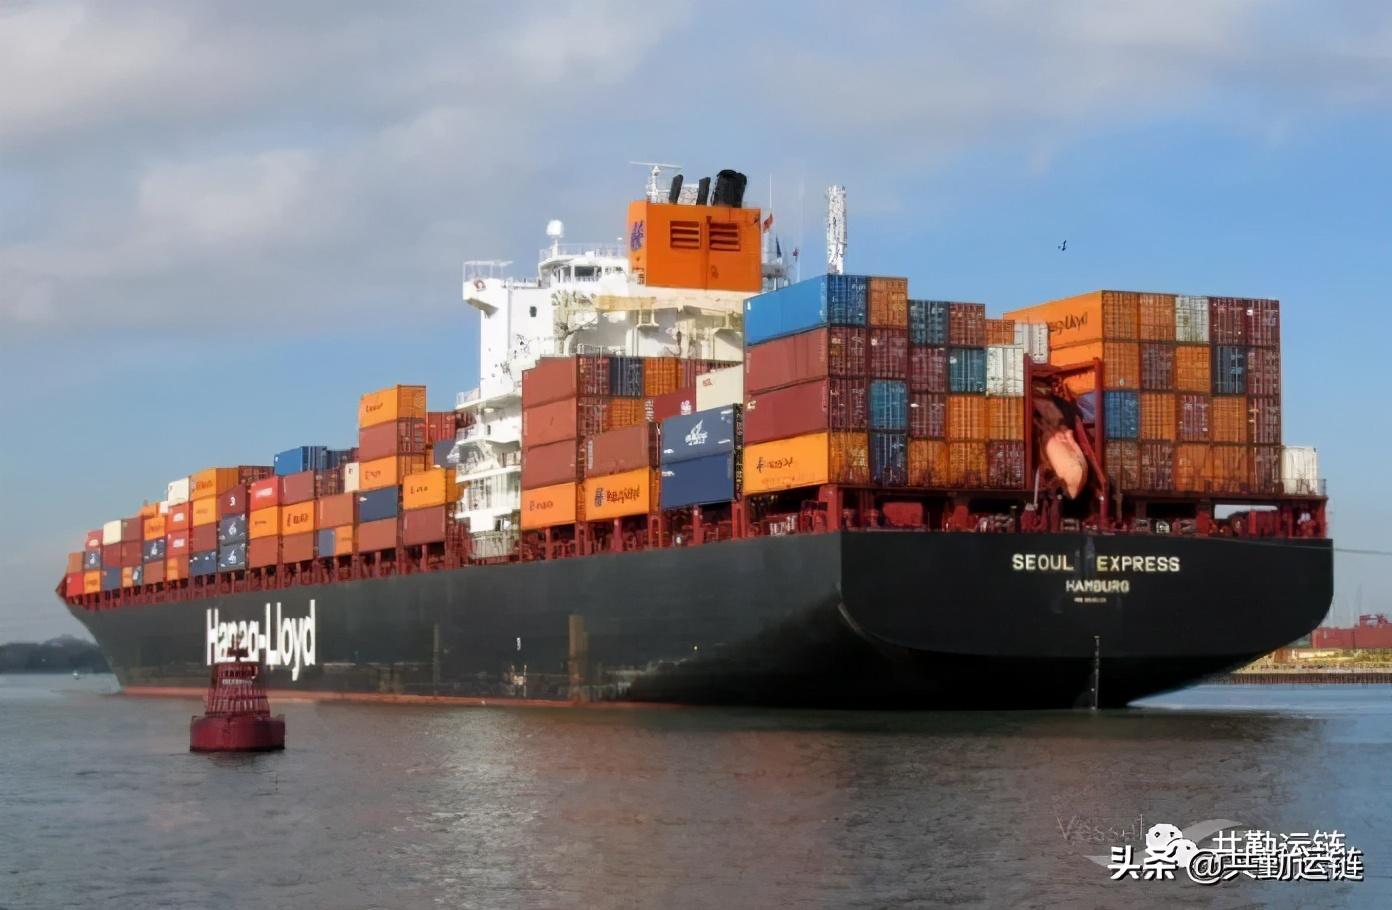 英国港口拥堵导致额外附加费